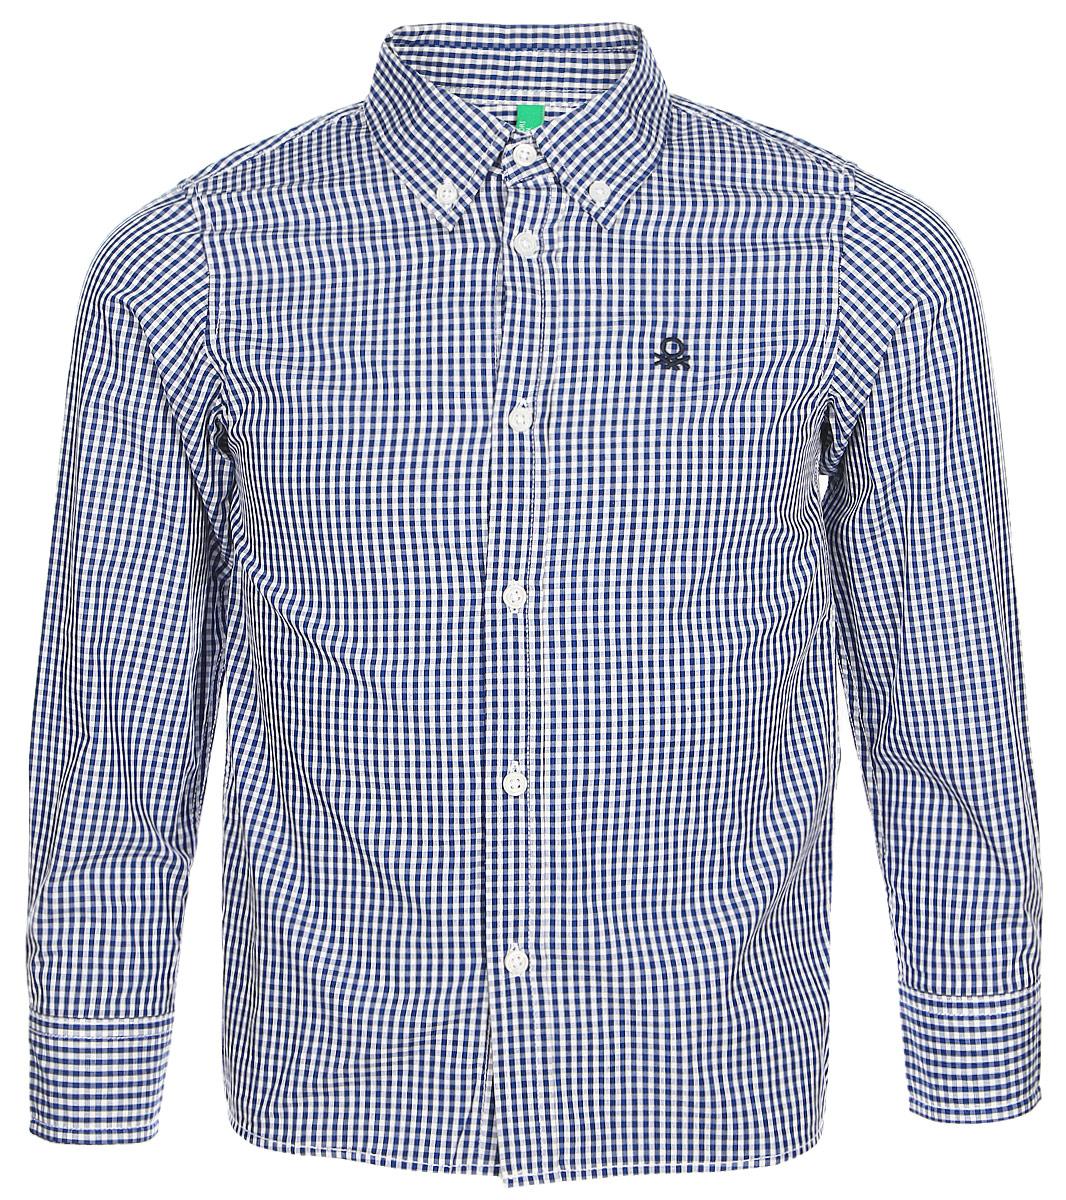 Рубашка для мальчиков United Colors of Benetton, цвет: синий. 5DU65Q200_949. Размер 1305DU65Q200_949